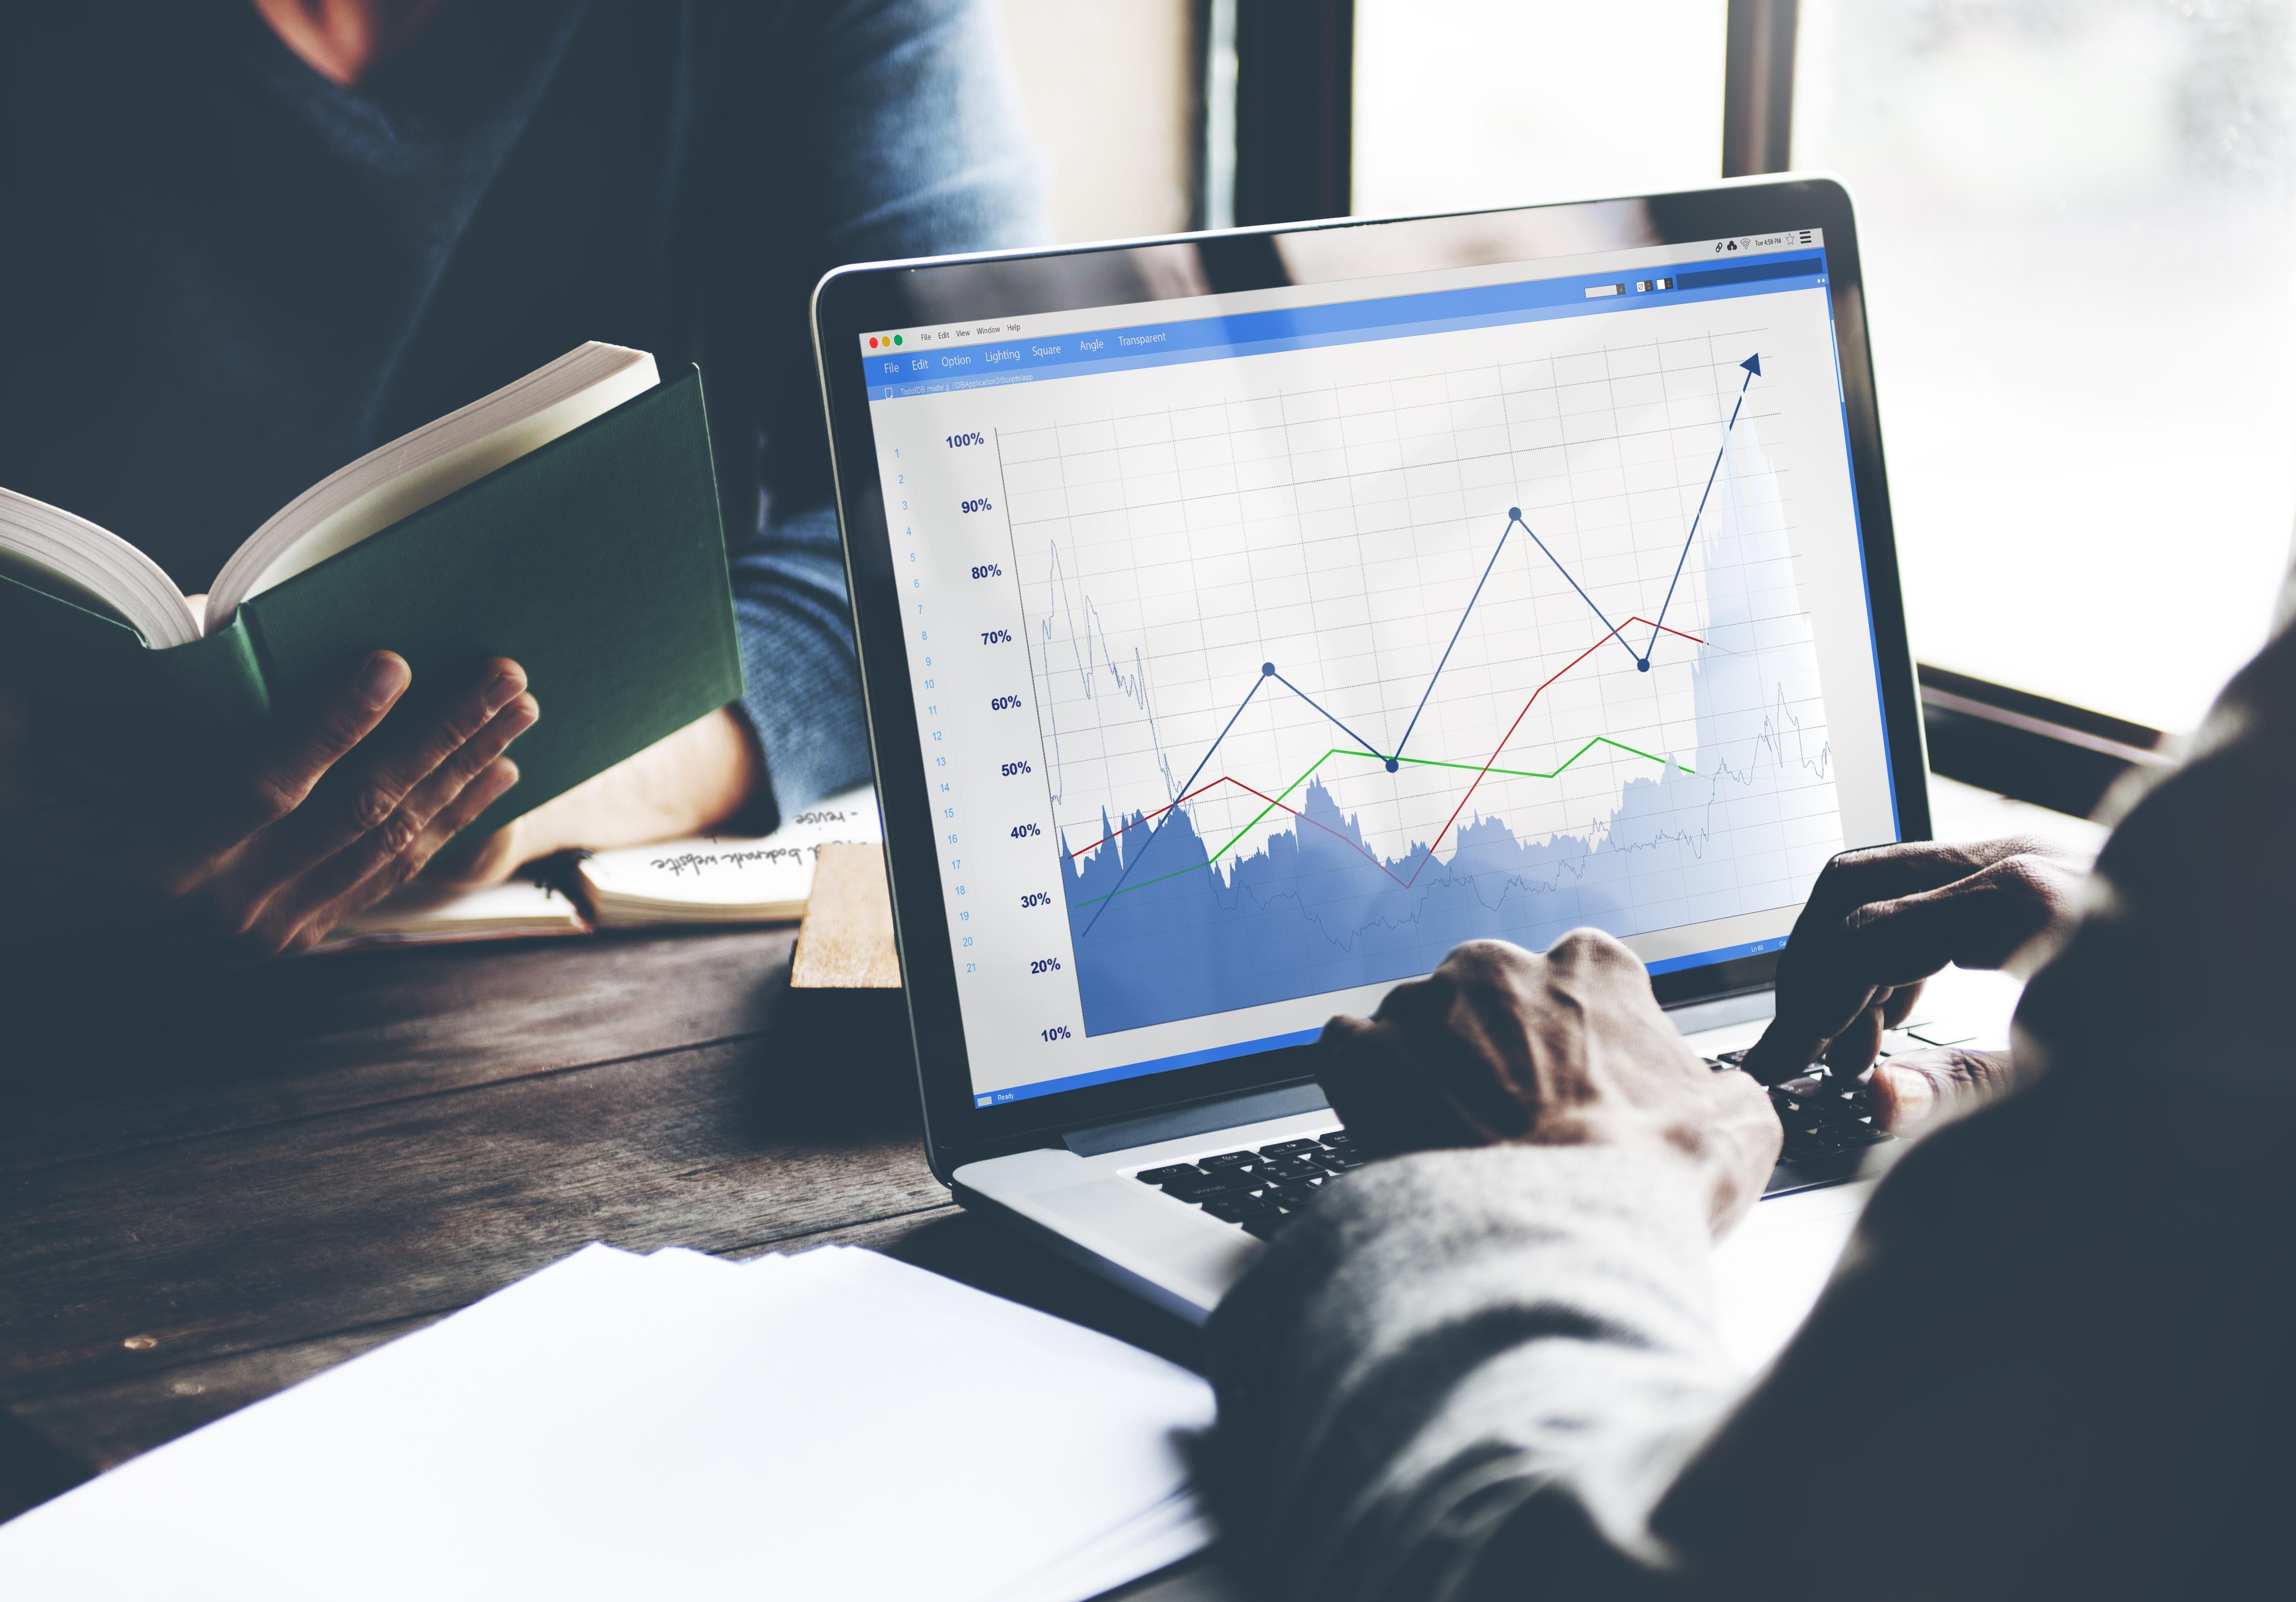 bigstock-Business-Sales-Increase-Revenu-121878203